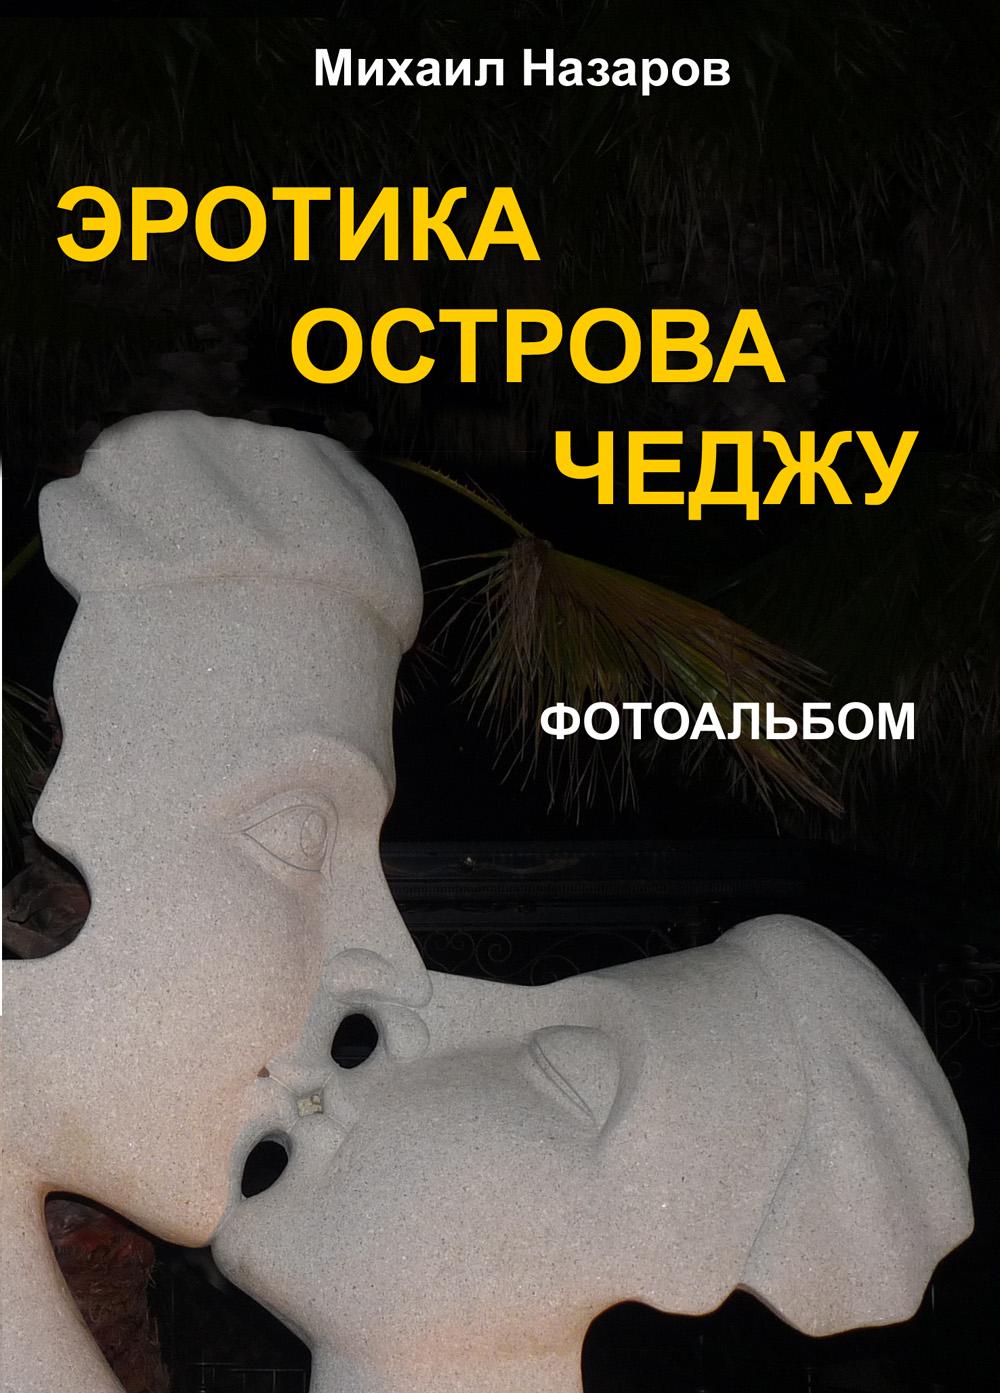 Title -Erotica